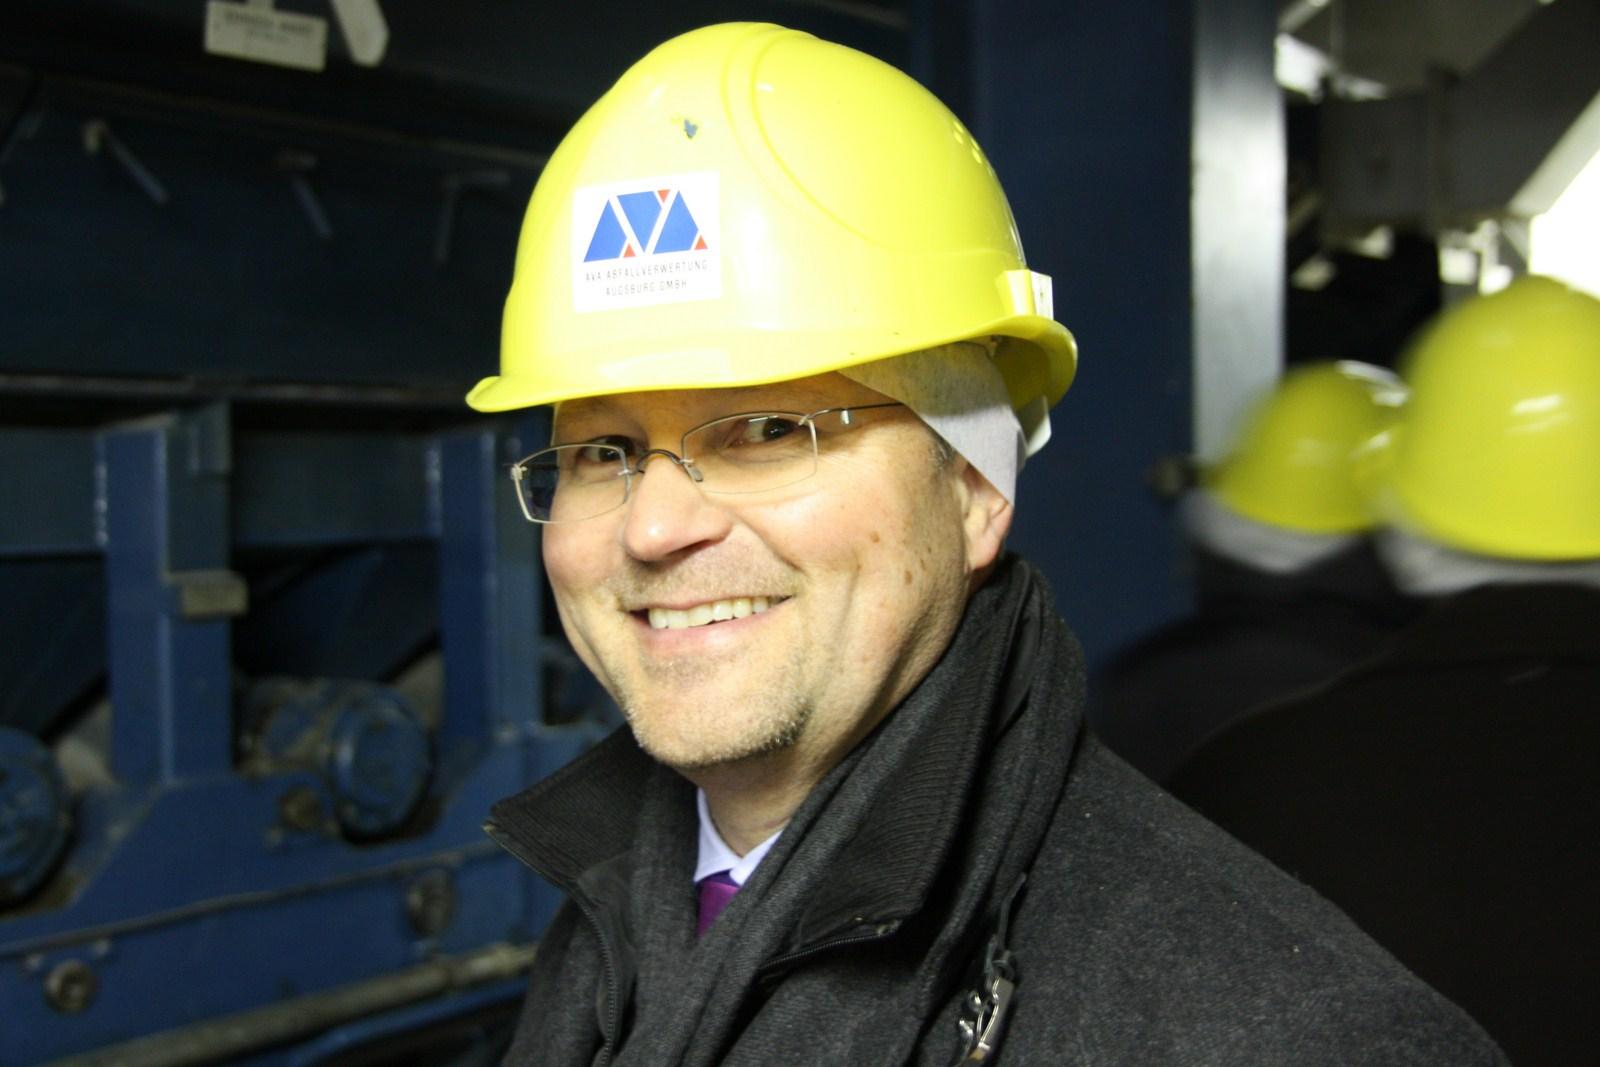 Bildgalerie: Zu Besuch bei AVA und Kühl Unternehmensgruppe